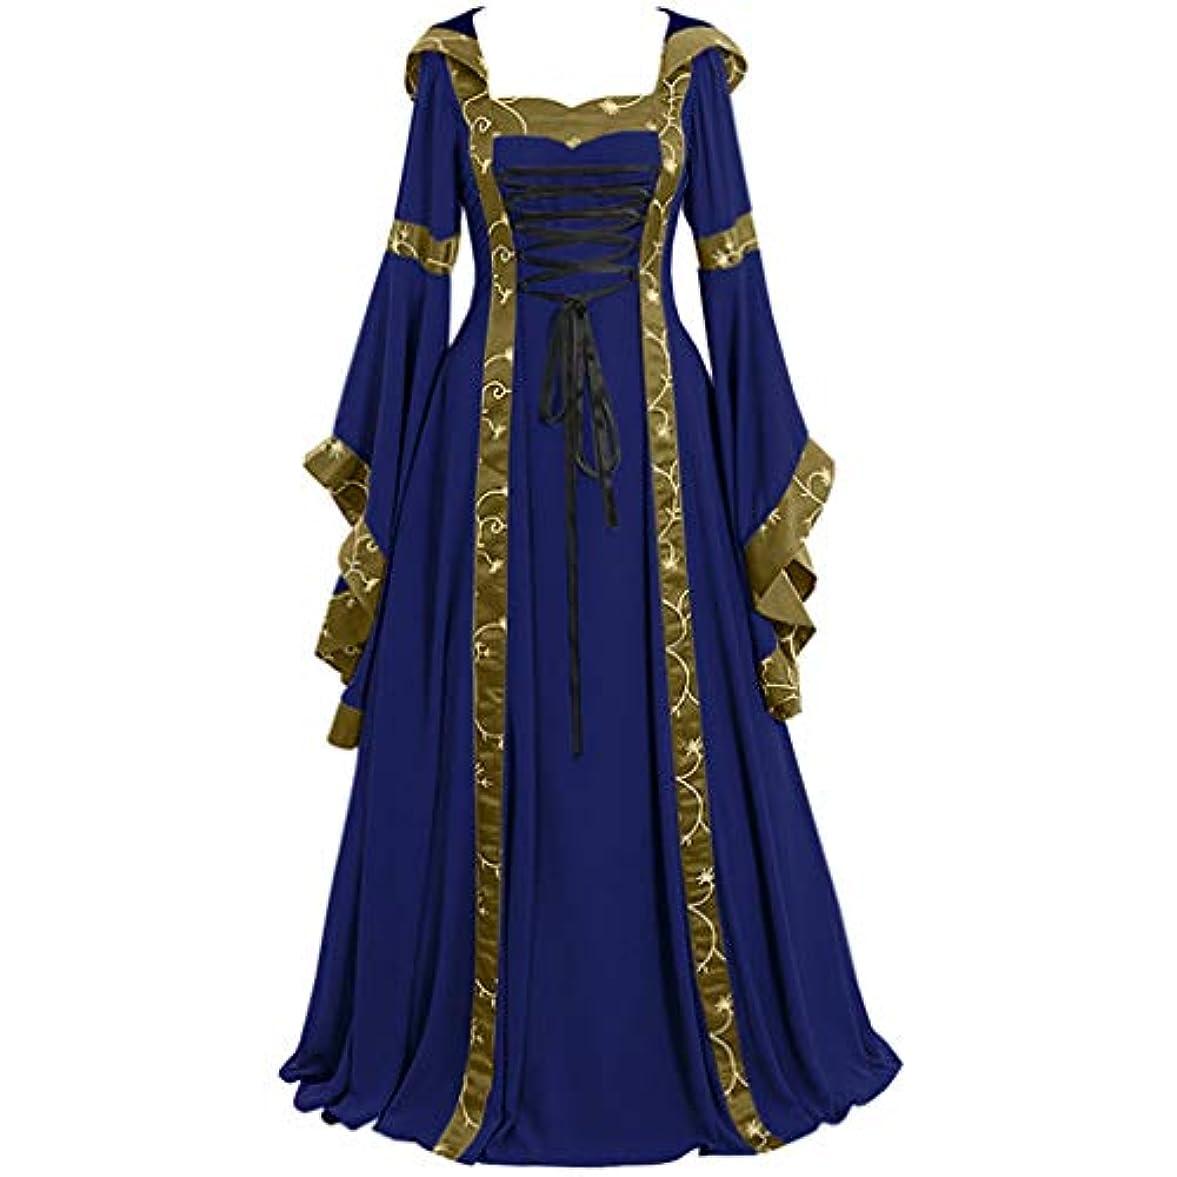 クレジット潜在的な是正ヴィンテージ 洋服 レディース ドレス Huliyun 結婚式服装 豪華な女王 王族服 記念撮影 写真撮影用 衣装パーティードレス 優雅 レディース コスプレ ヨーロッパ宮廷服